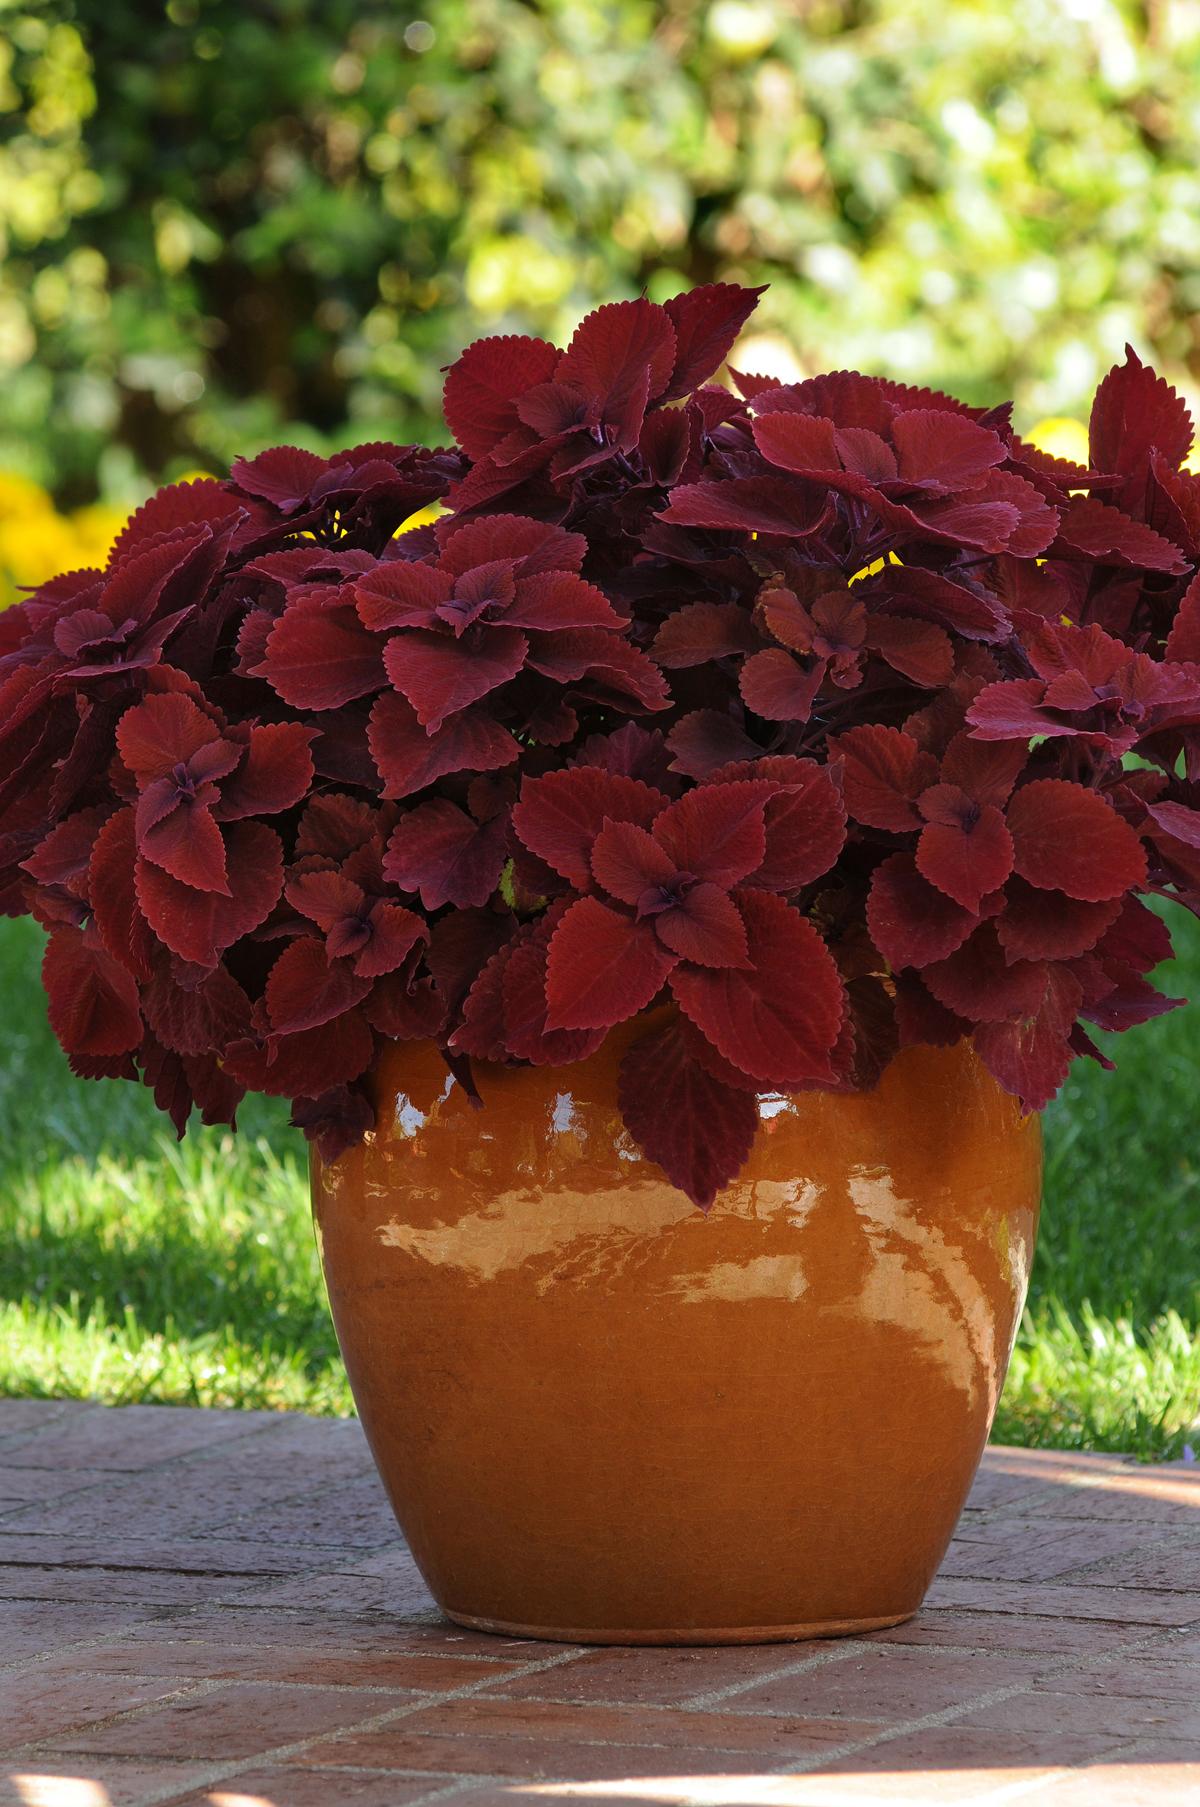 принципе как называется вазон с красными листьями фото родные желают